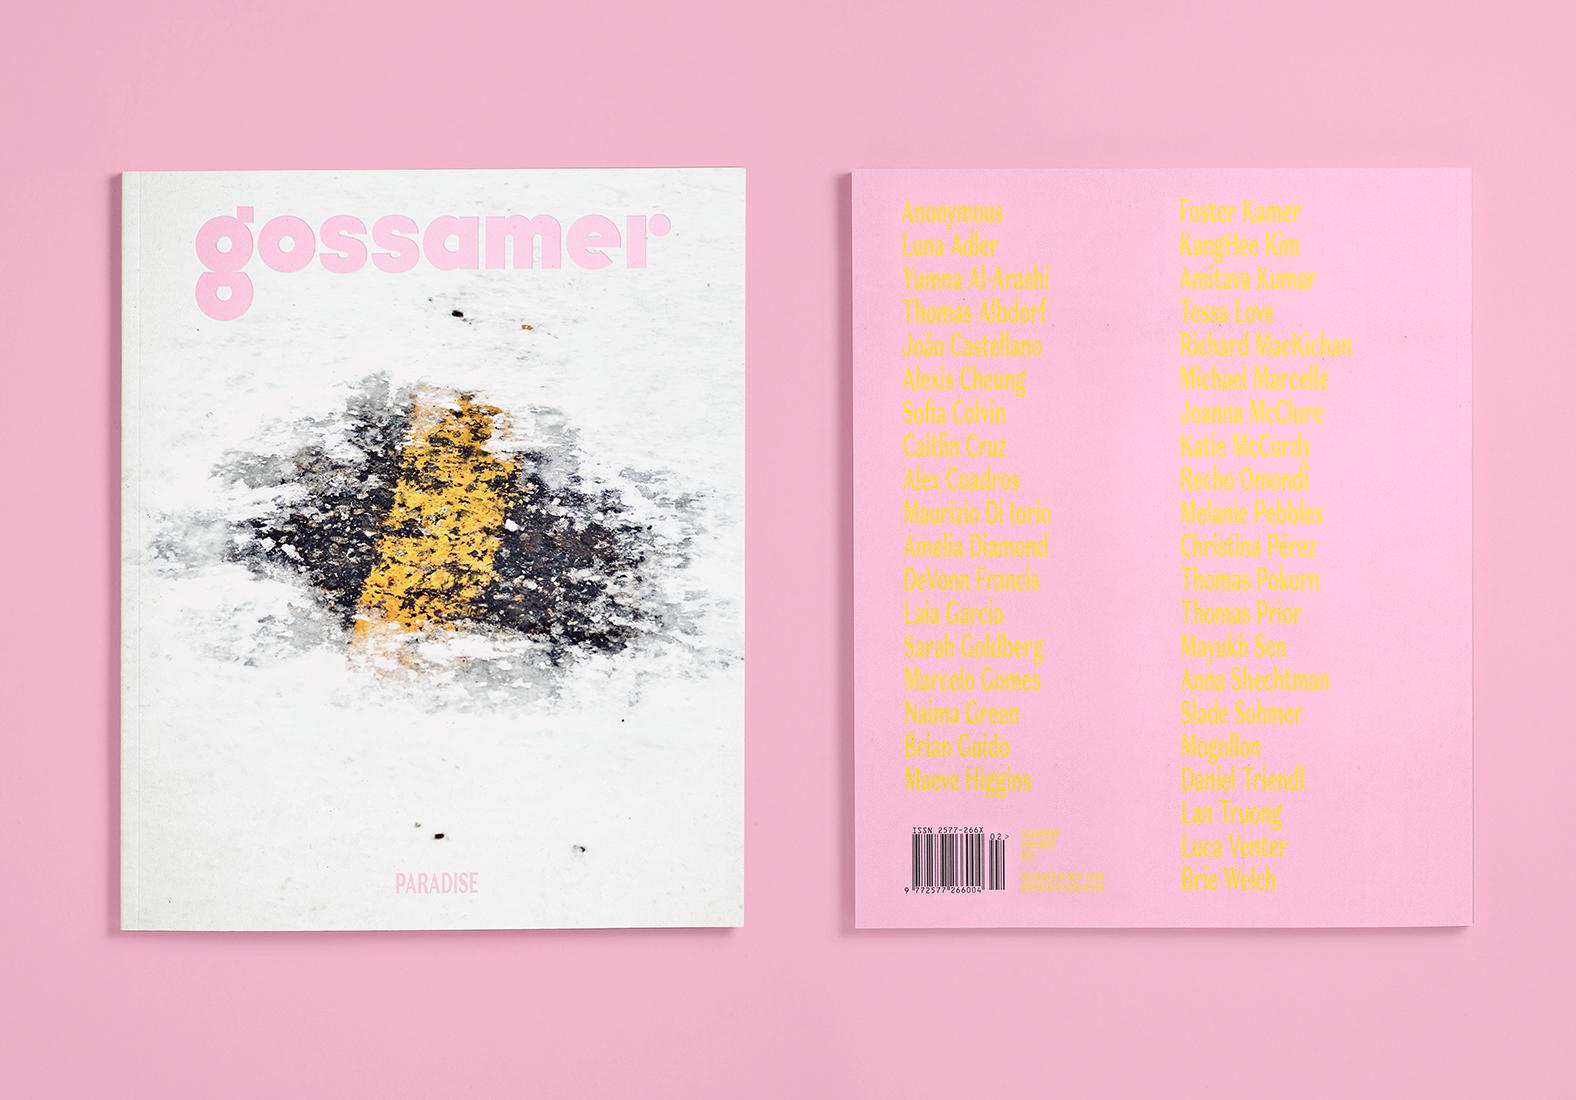 gossamer 2 – Paradise